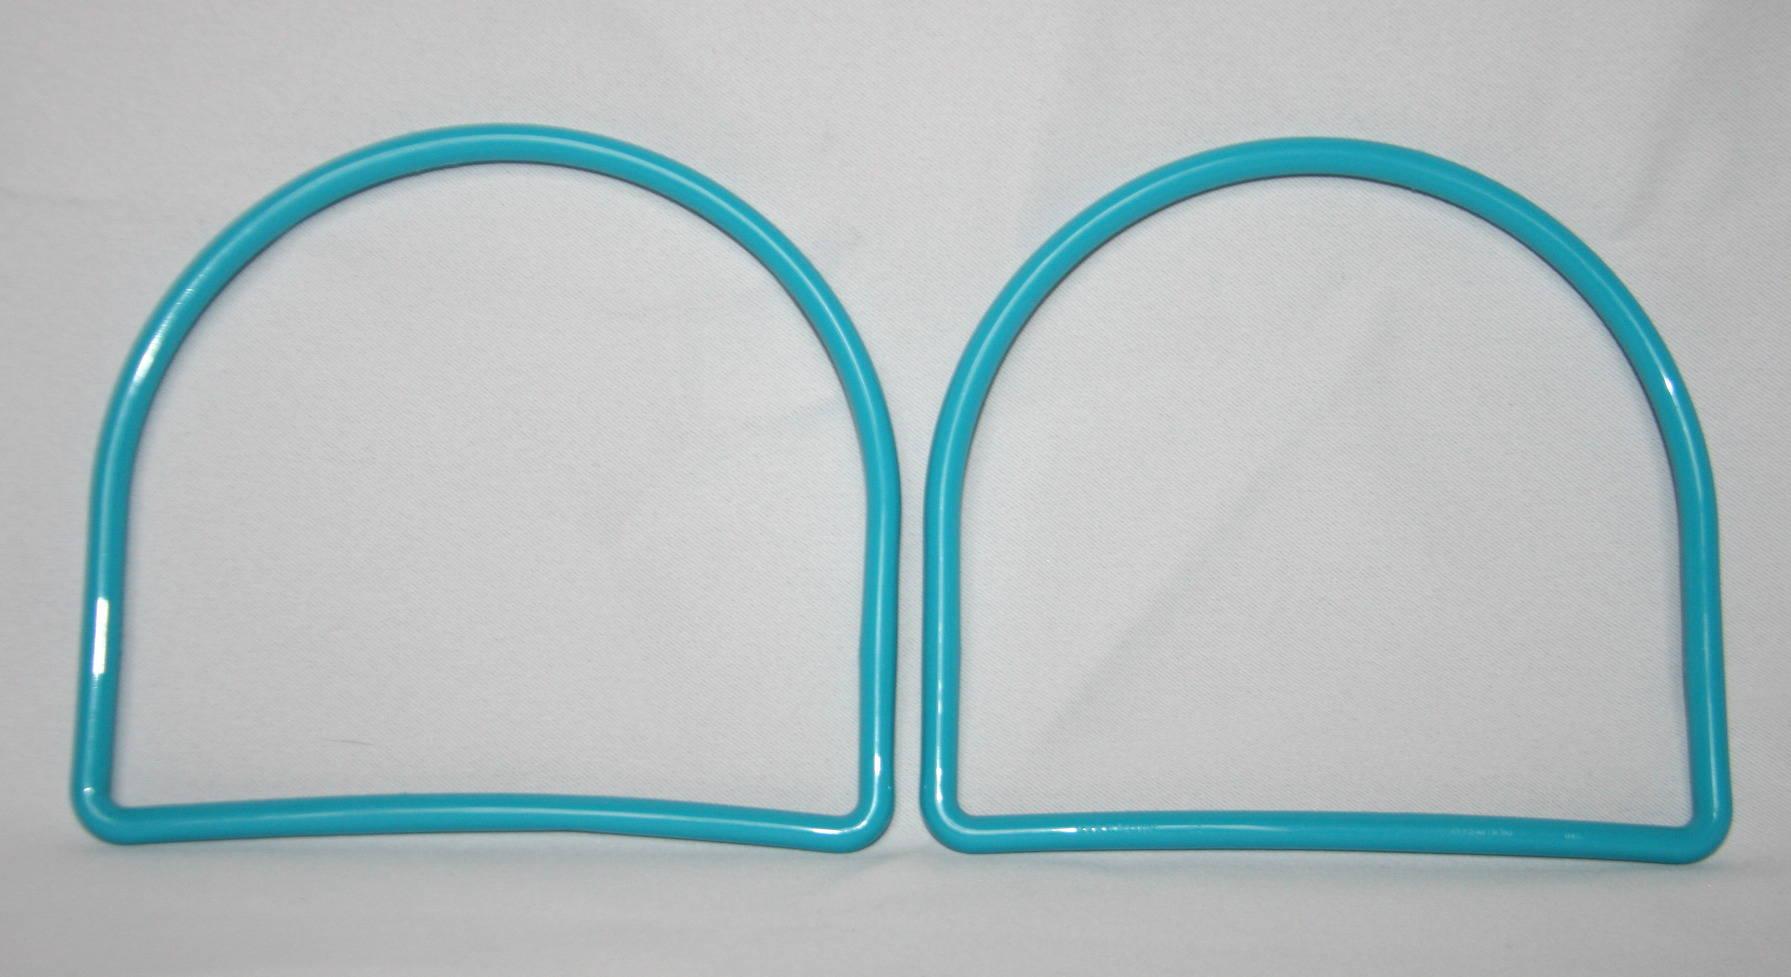 Poignées de sac arceau en plastique - Bleu turquoise